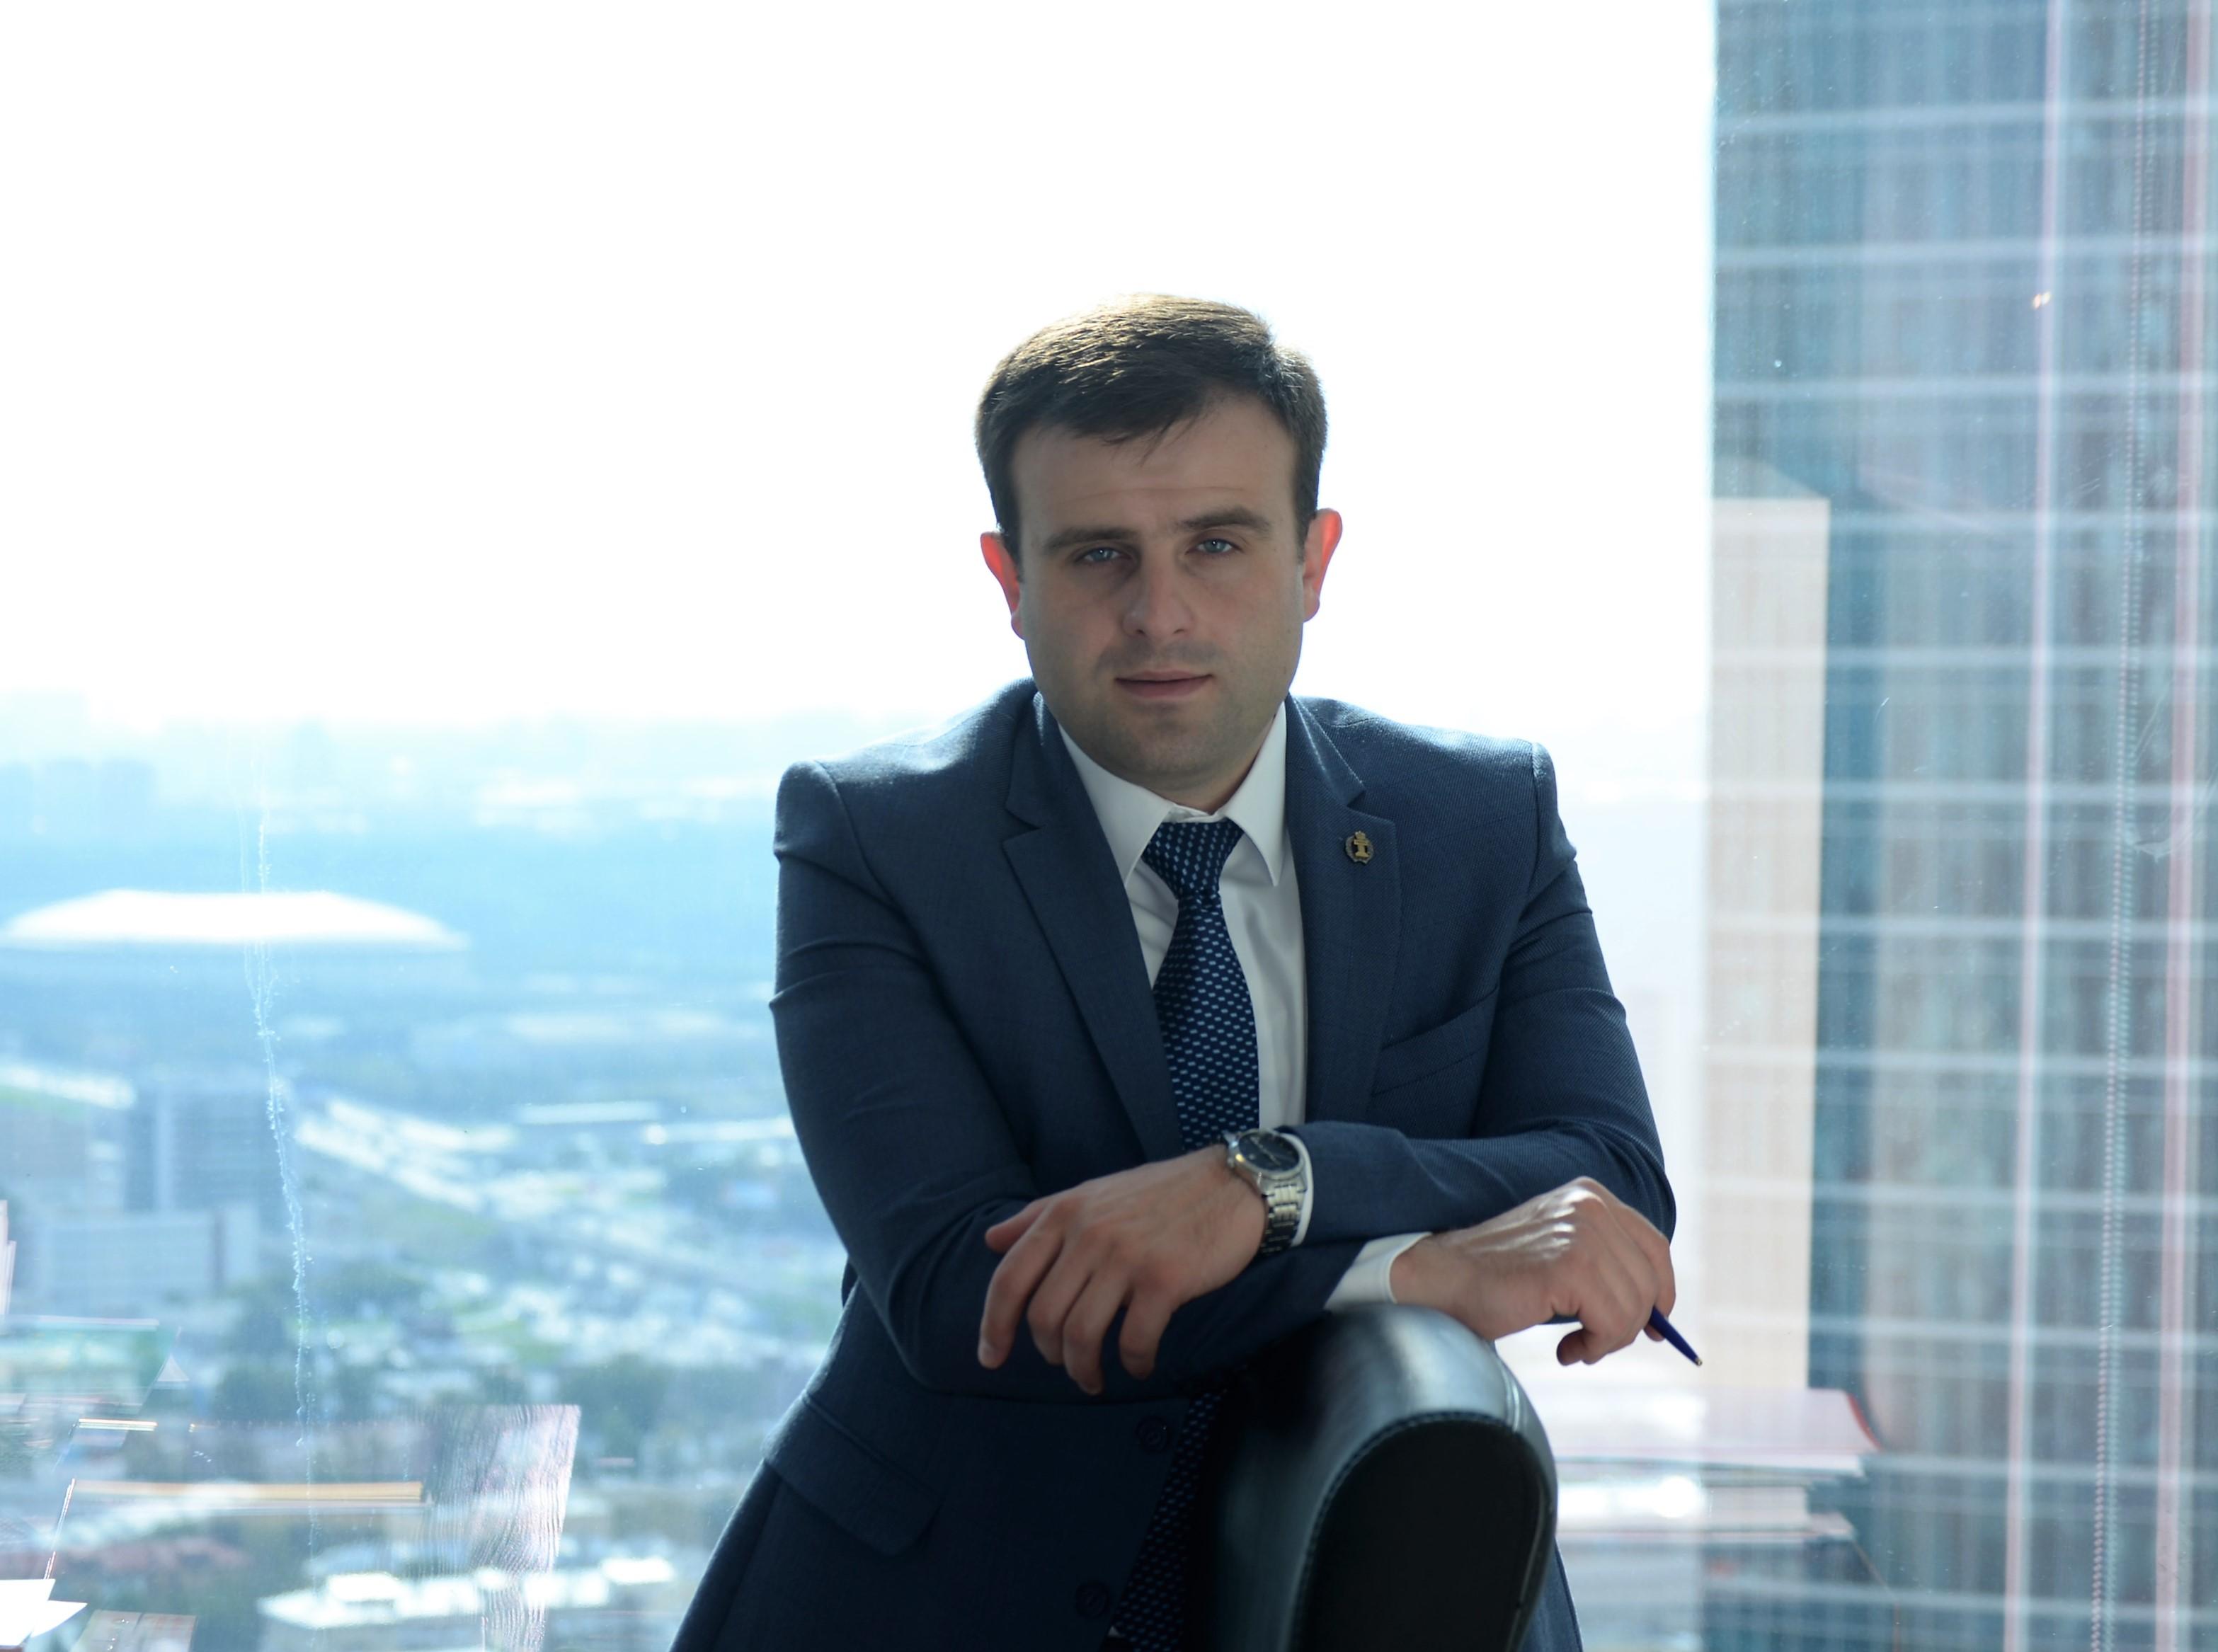 Шевцов: Разошлись в мнениях о дальнейшей работе ФК Кристалл